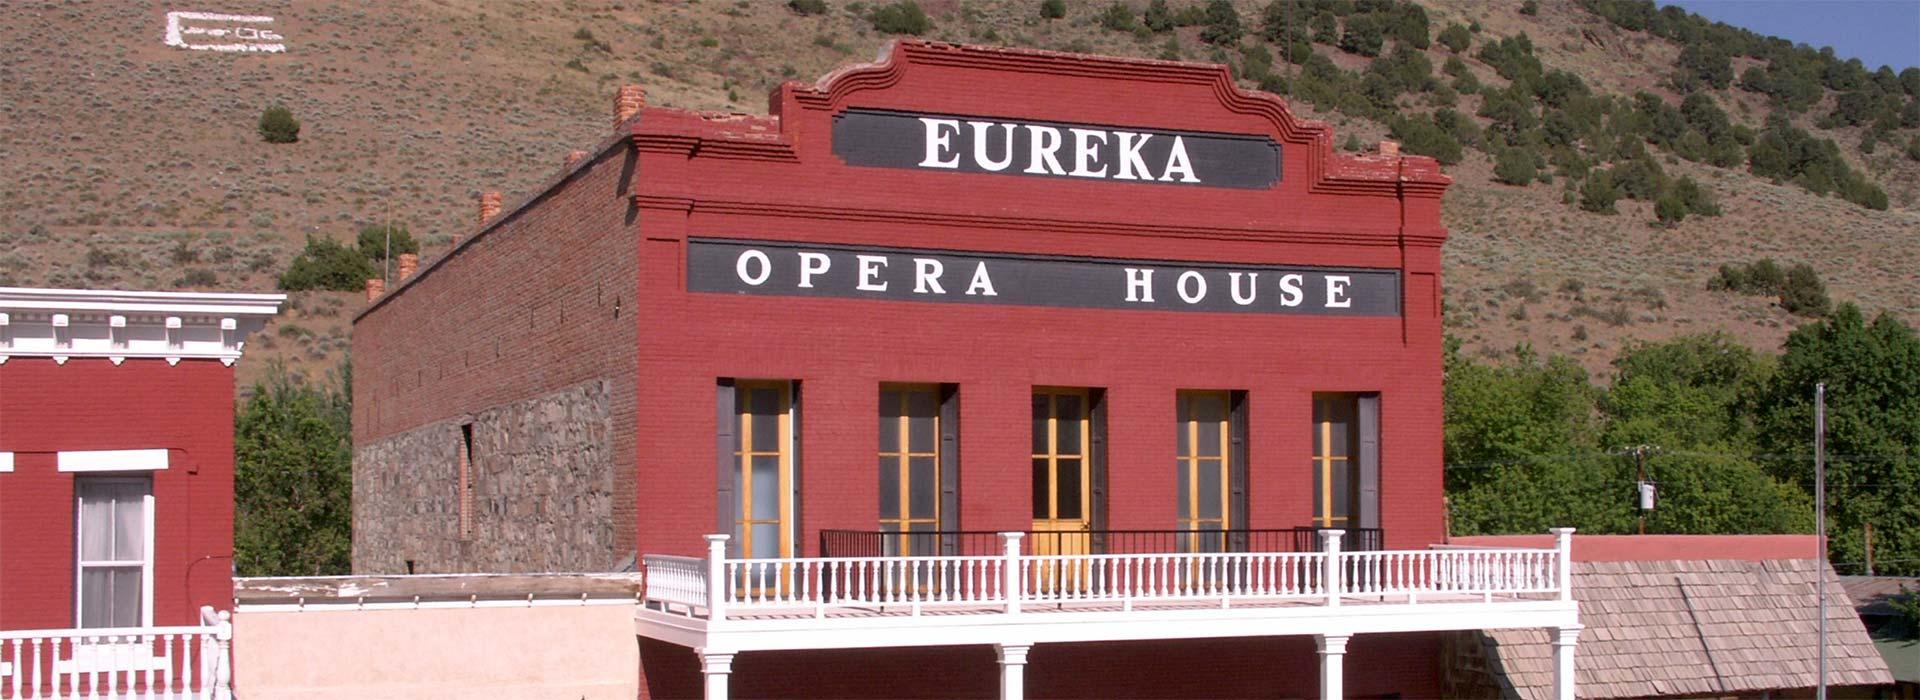 Eureka opera house all around nevada for Eureka house